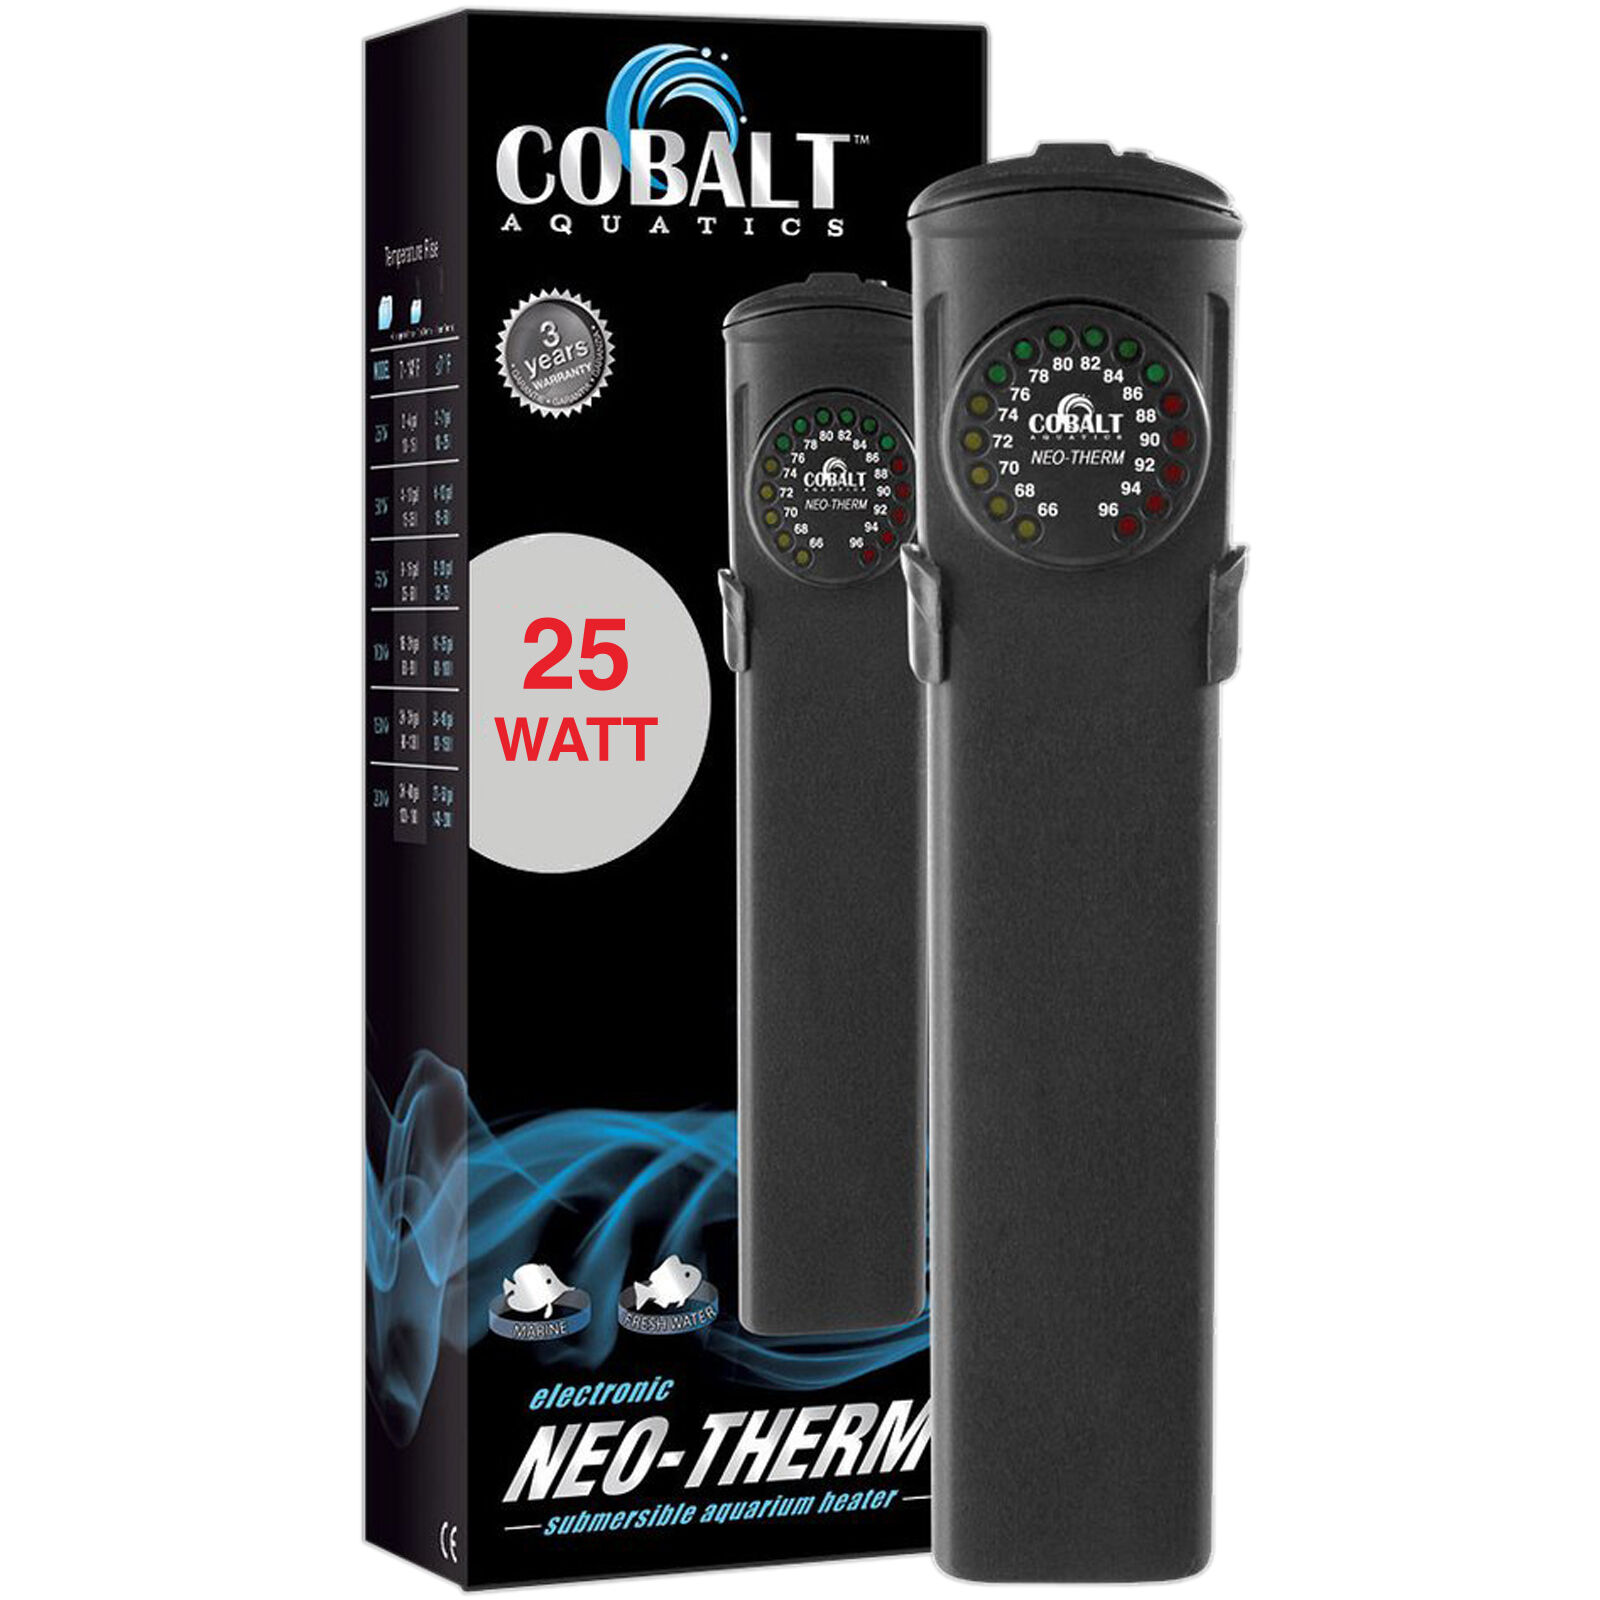 economico in alta qualità Cobalt Neo Therm Therm Therm 25 Watt Aquarium Heater LED Display Fast Free USA Shipping  vendendo bene in tutto il mondo